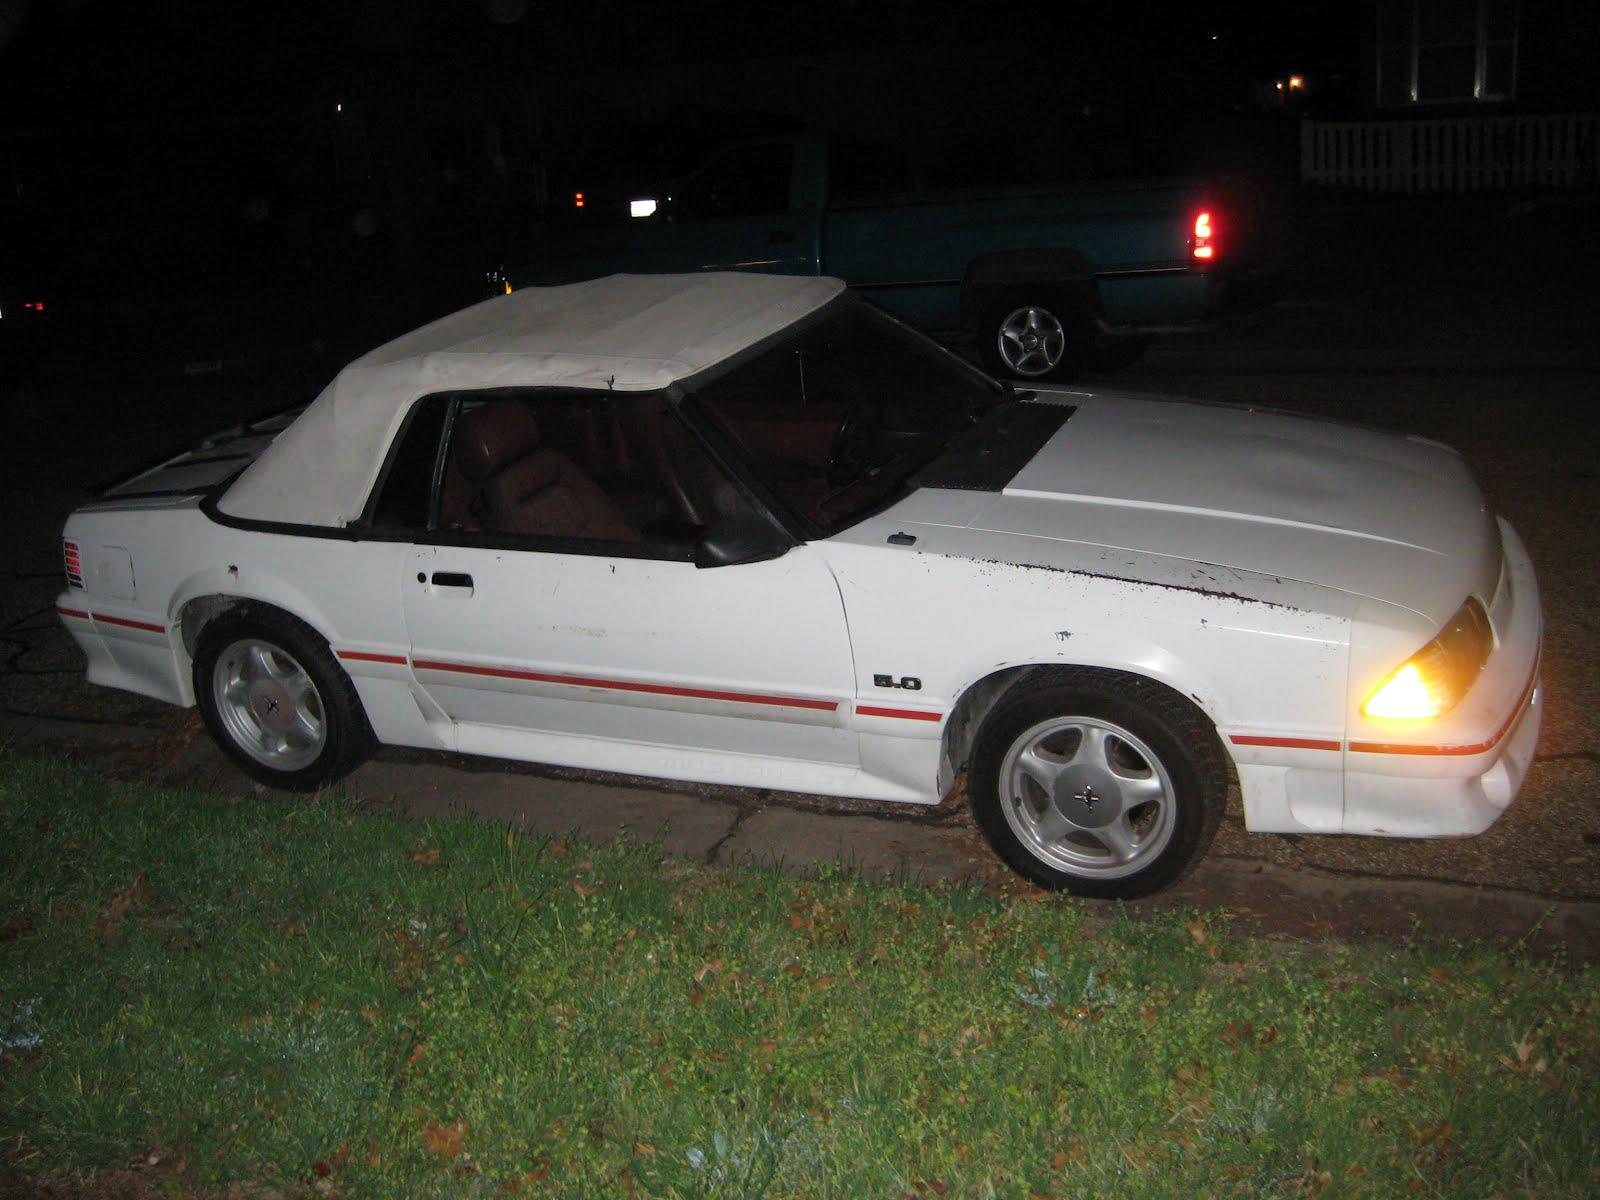 Whiteboy S Mustangs 1987 Mustang Vanilla Ice 5 0 Gt Vert